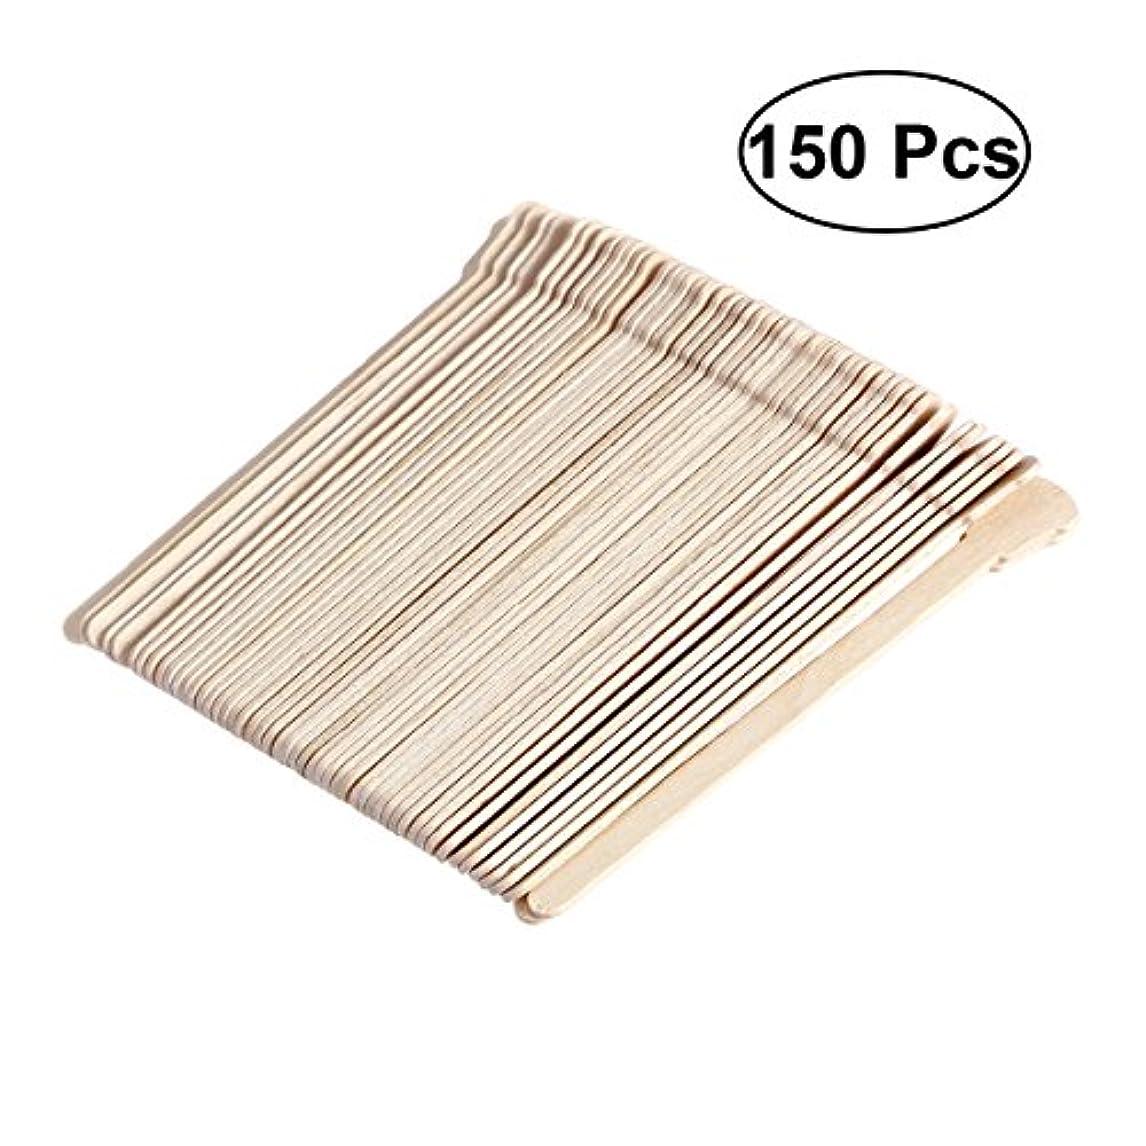 鋭く名誉雑草SUPVOX 150ピース木製ワックススティックフェイス眉毛ワックスへら脱毛(オリジナル木製色)